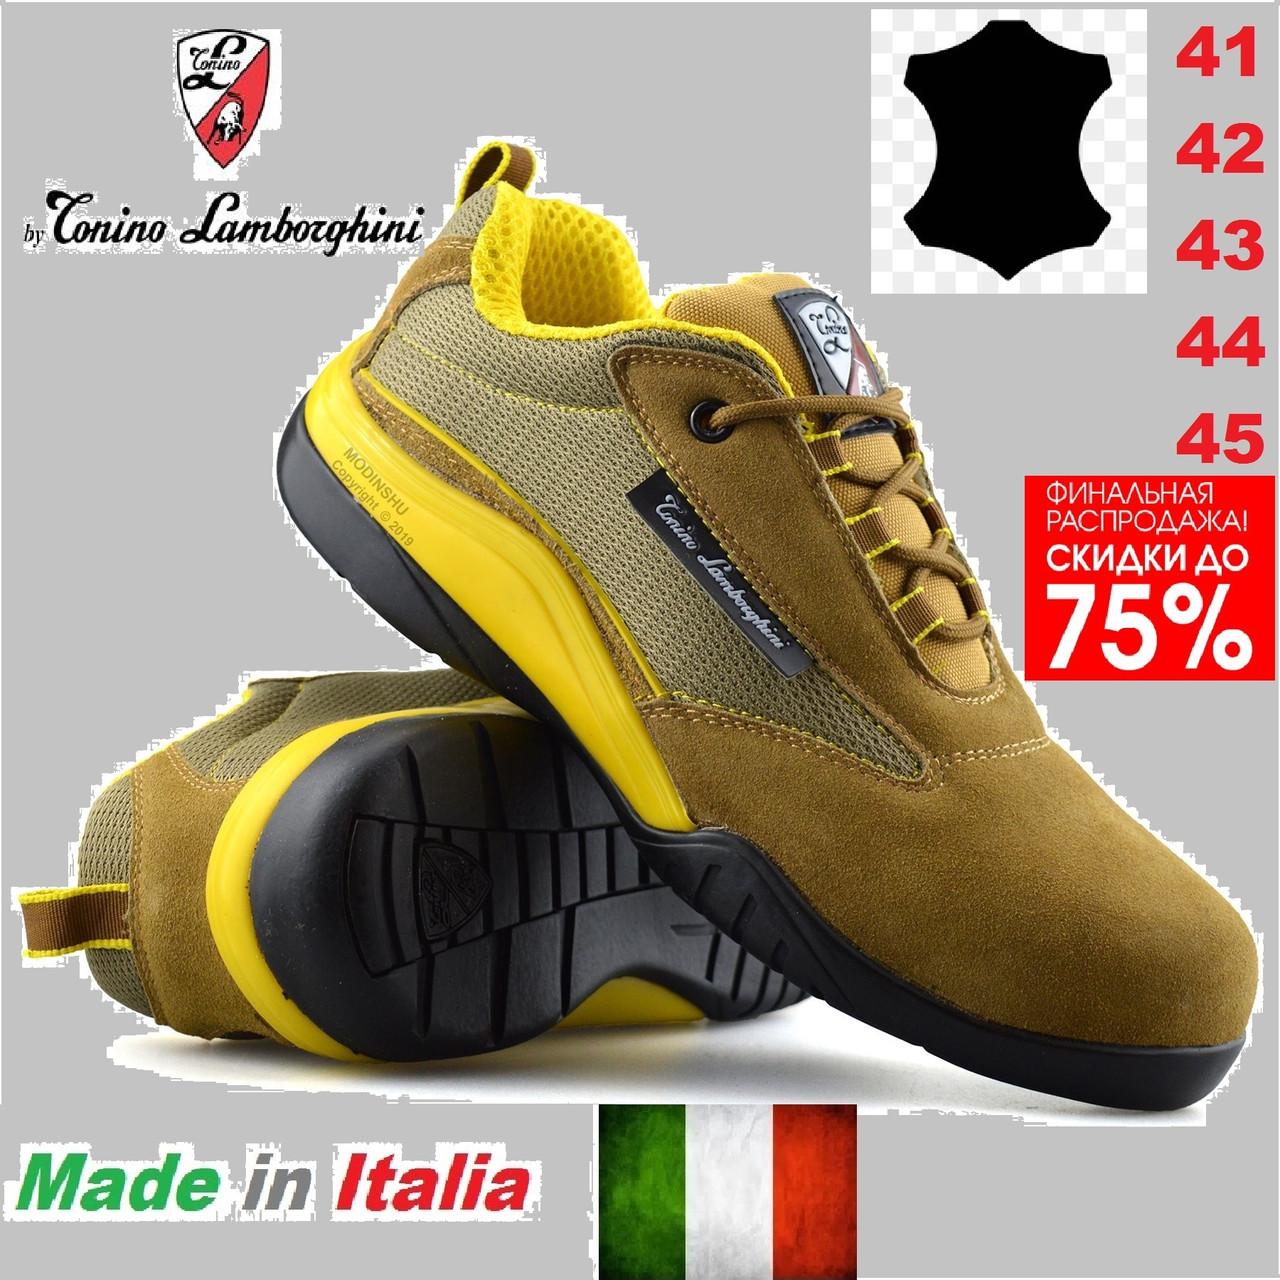 Кроссовки мужские рабочие Tonino Lamborghini кожаные, защитные, тактические со стальным носком.